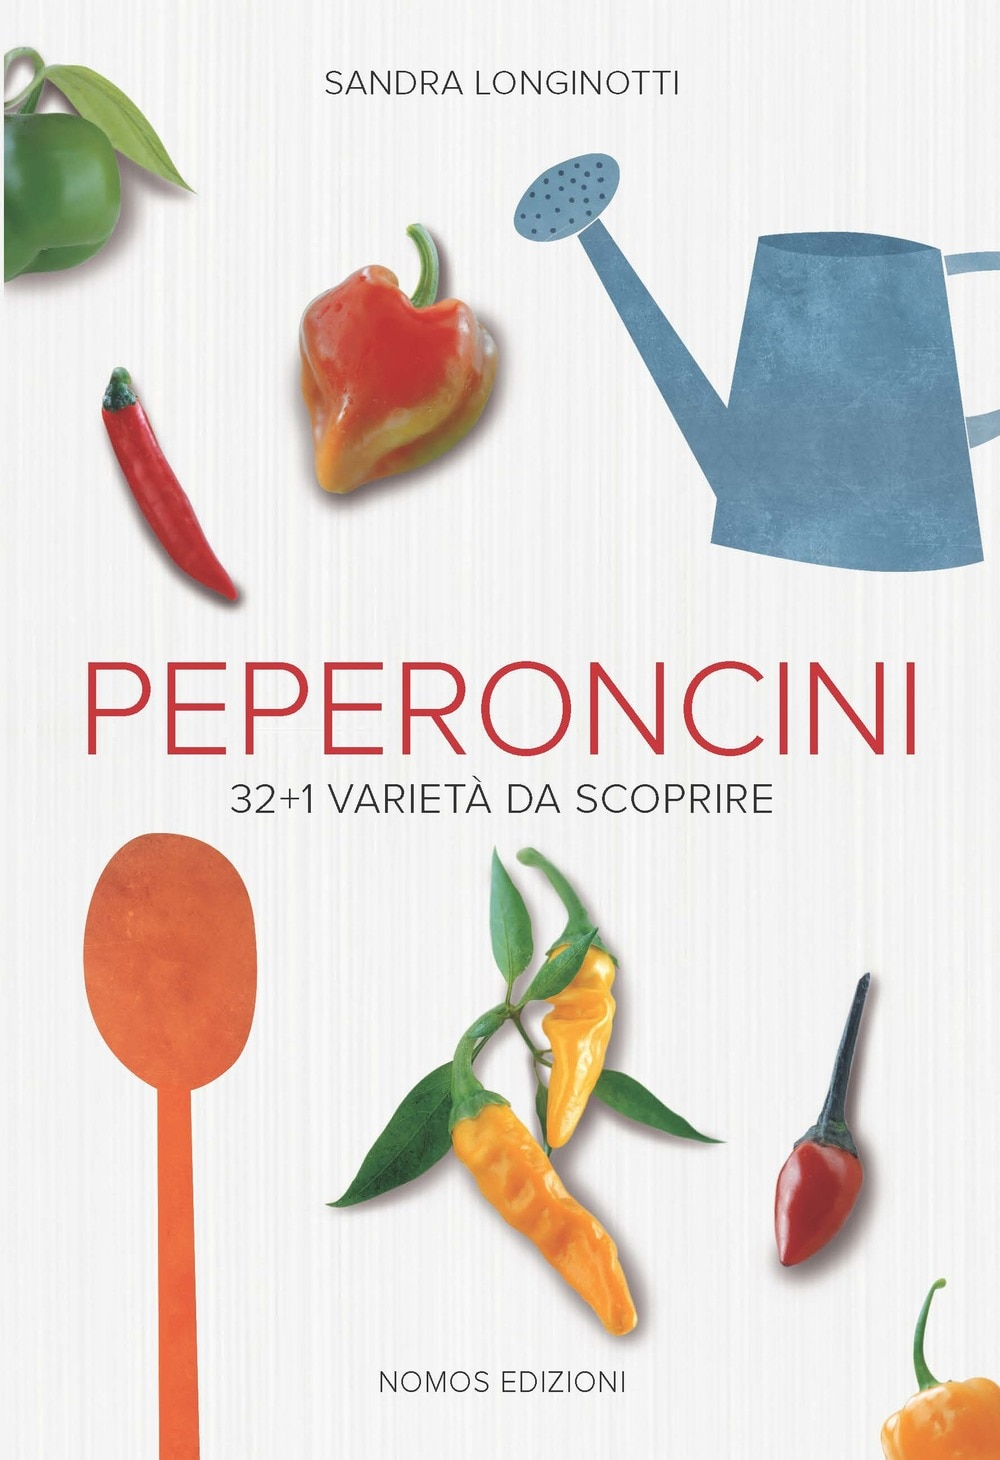 Libro_peperoncino_cover_alta